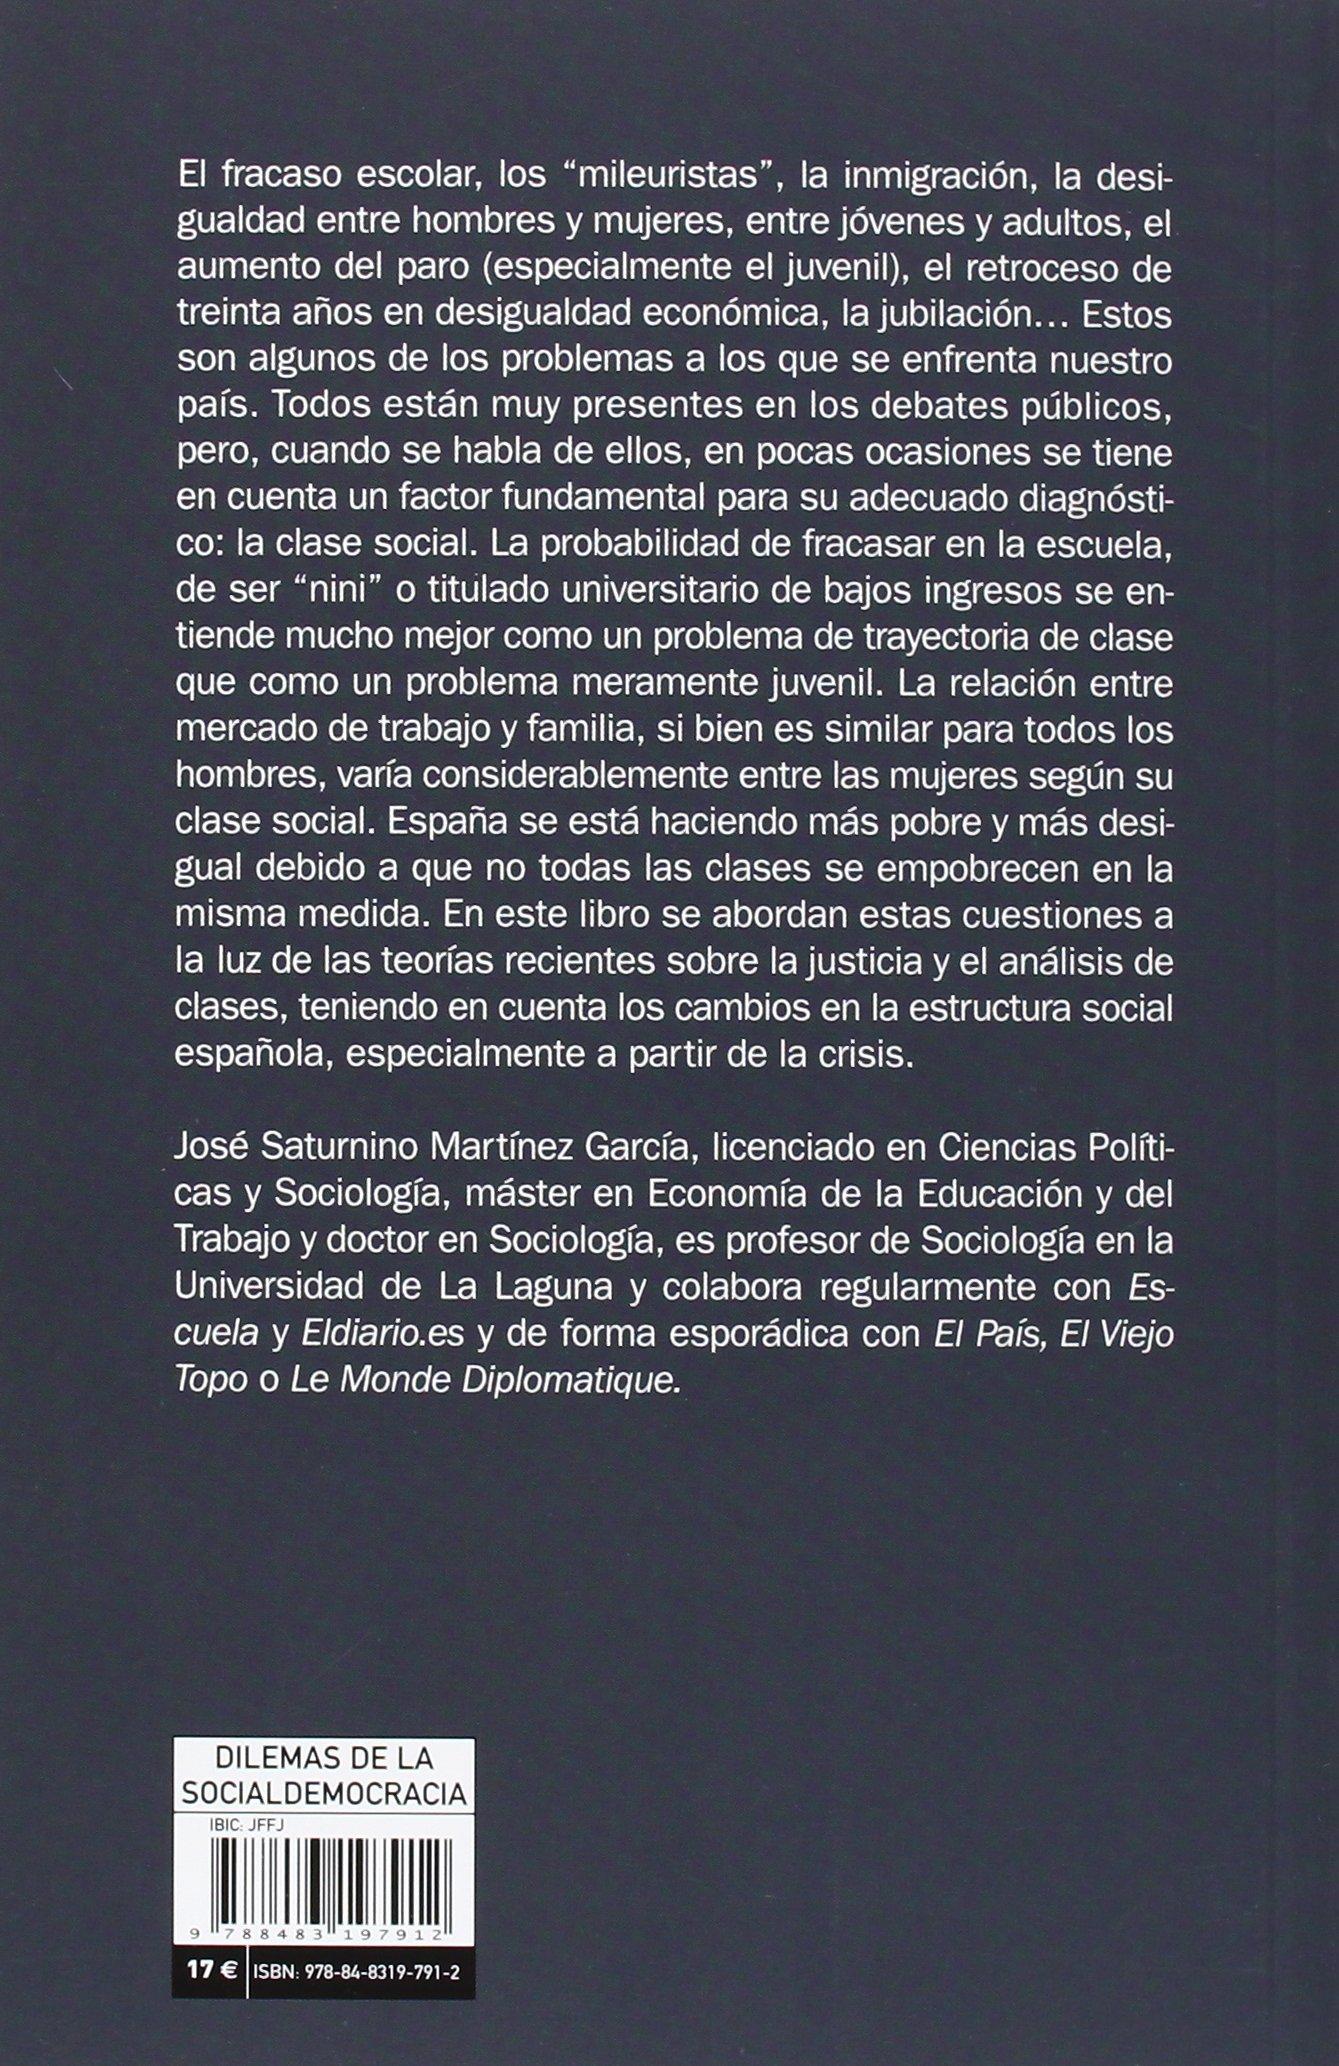 Estructura social y desigualdad en España (Mayor): Amazon.es: Martínez García, José Saturnino: Libros